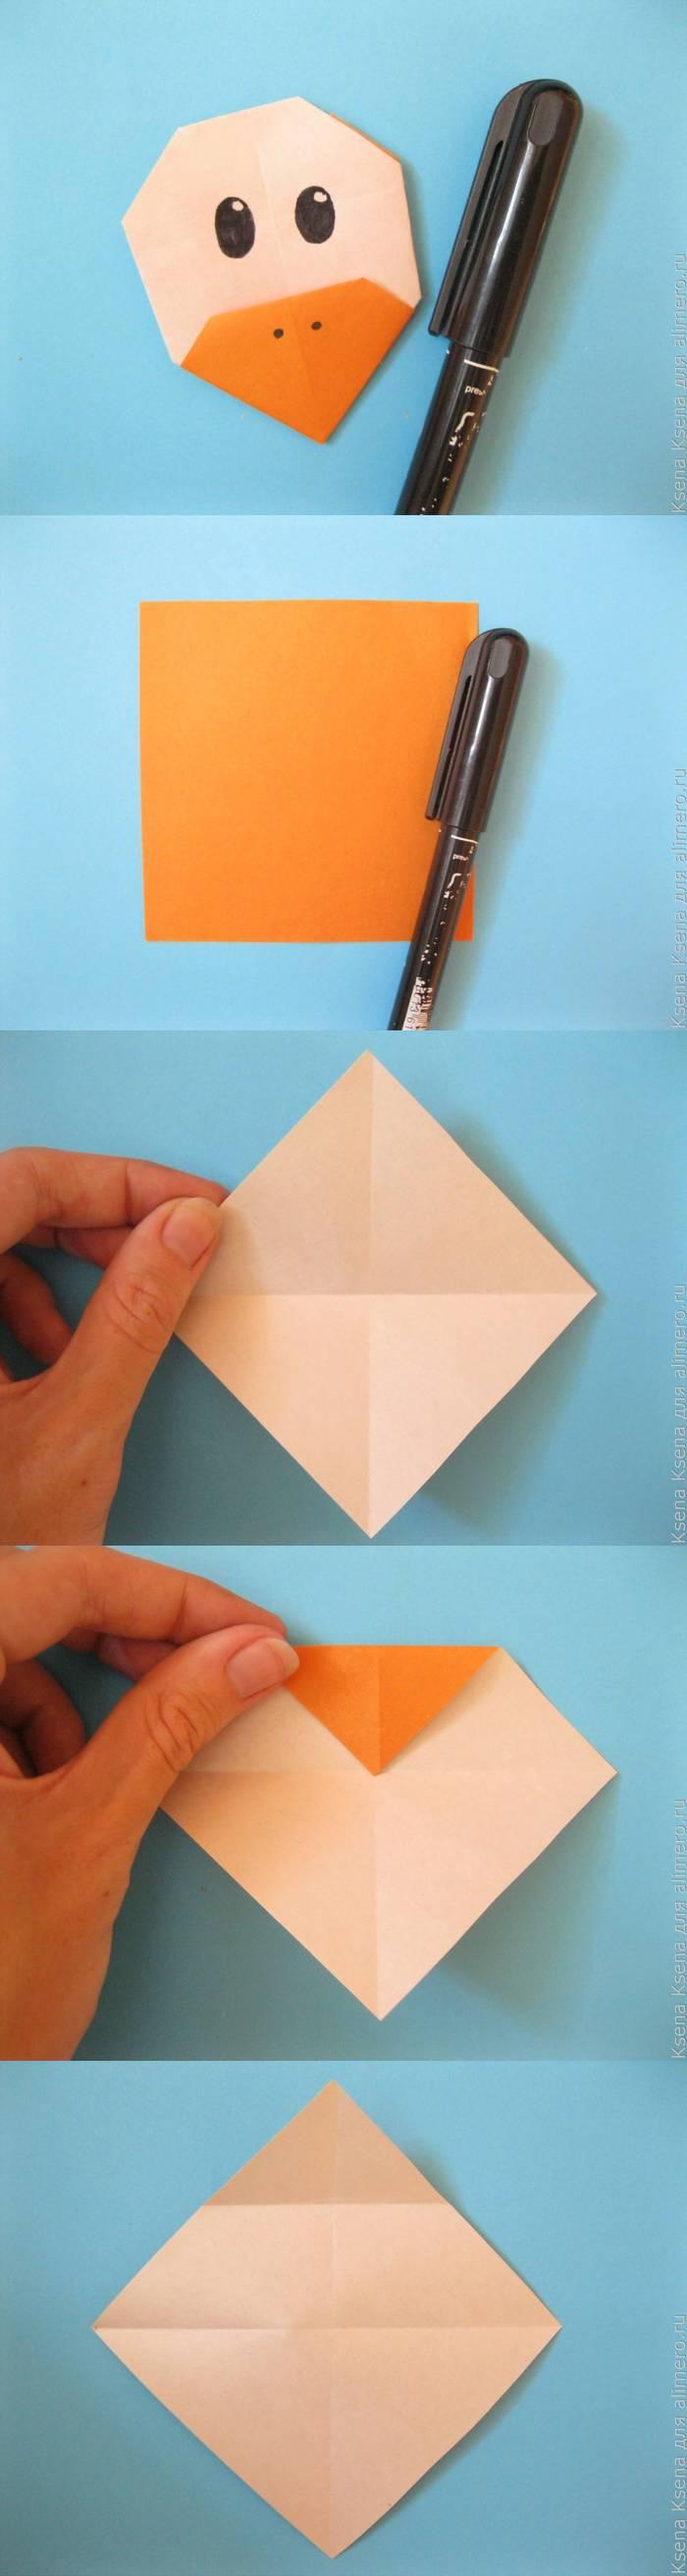 Утенок в технике оригами